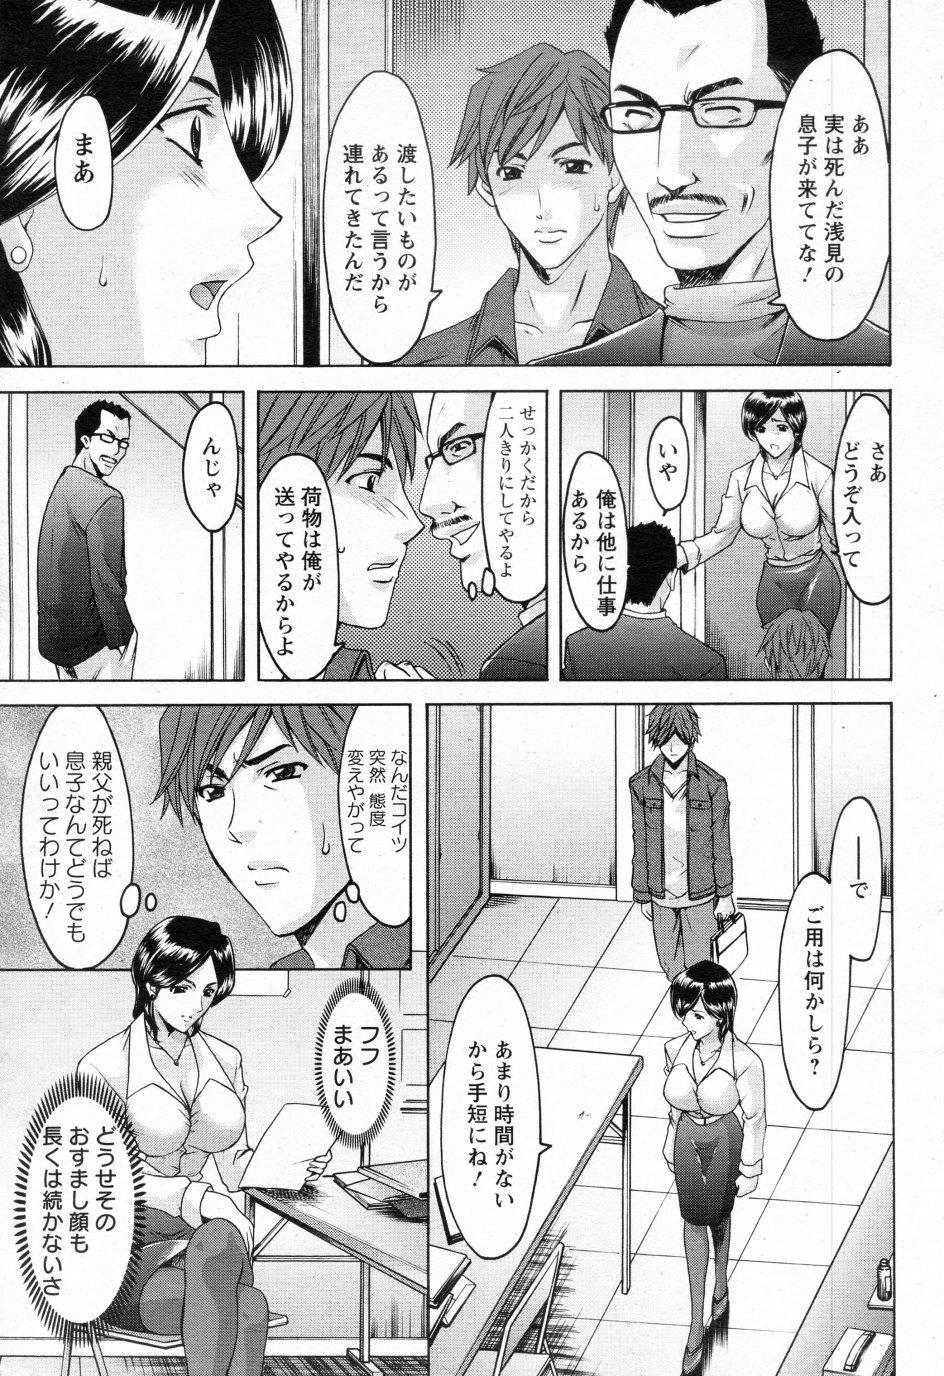 [Hoshino Ryuichi] Mjo Collection -Nidaime Choukyoushi- Ch.01-02 38